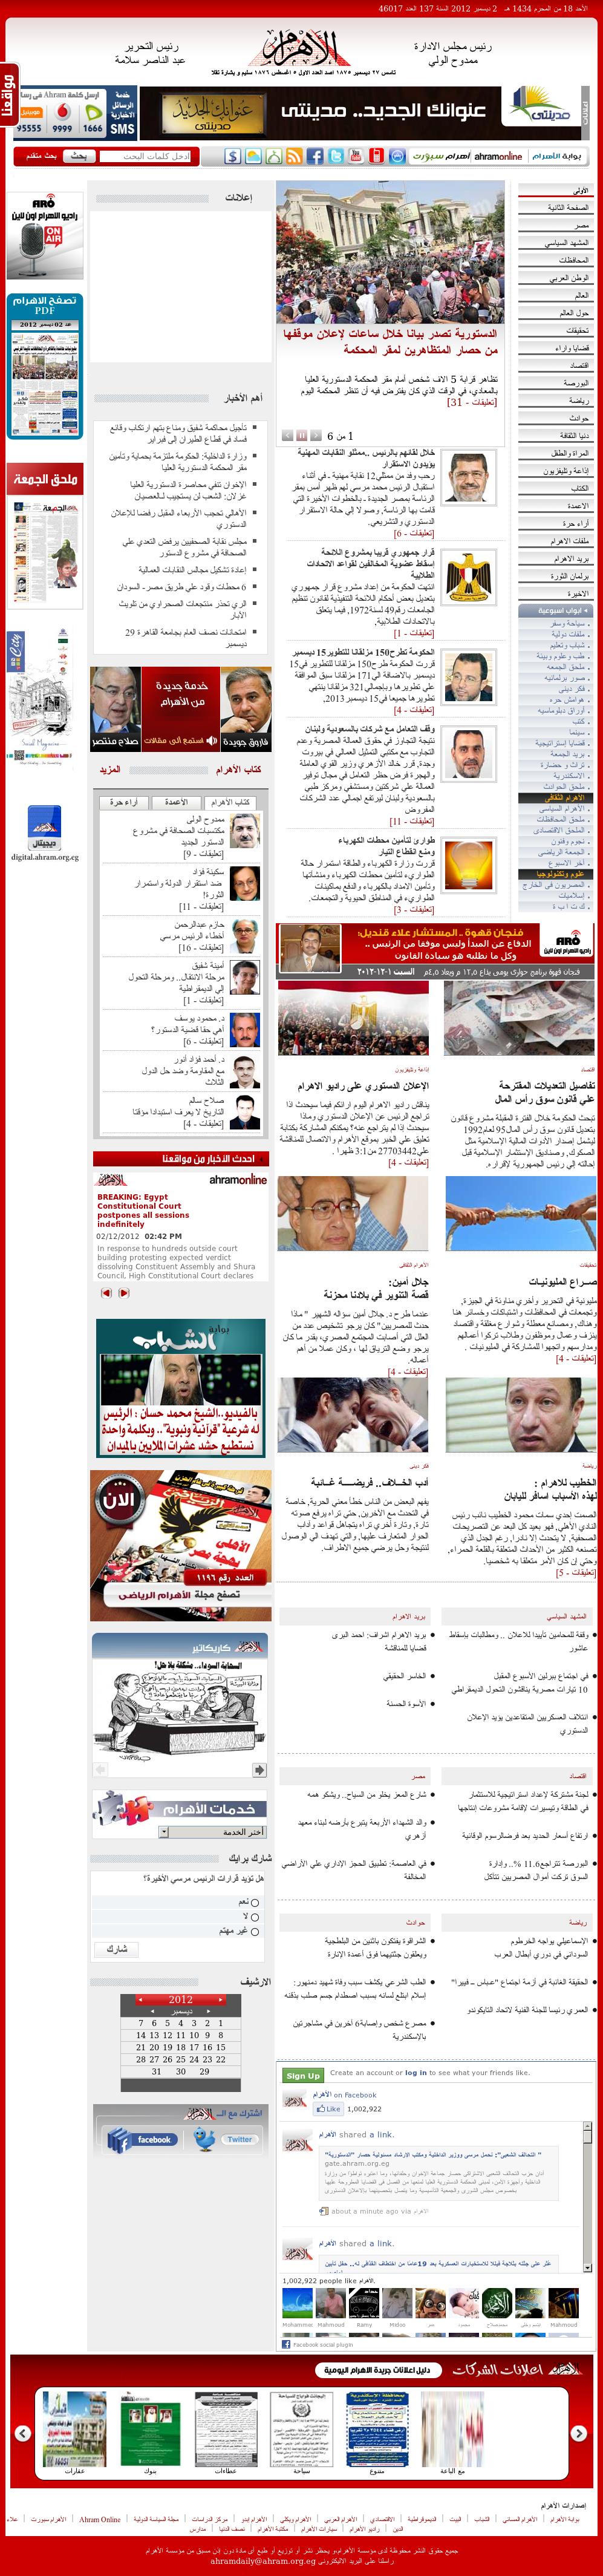 Al-Ahram at Sunday Dec. 2, 2012, 2 p.m. UTC